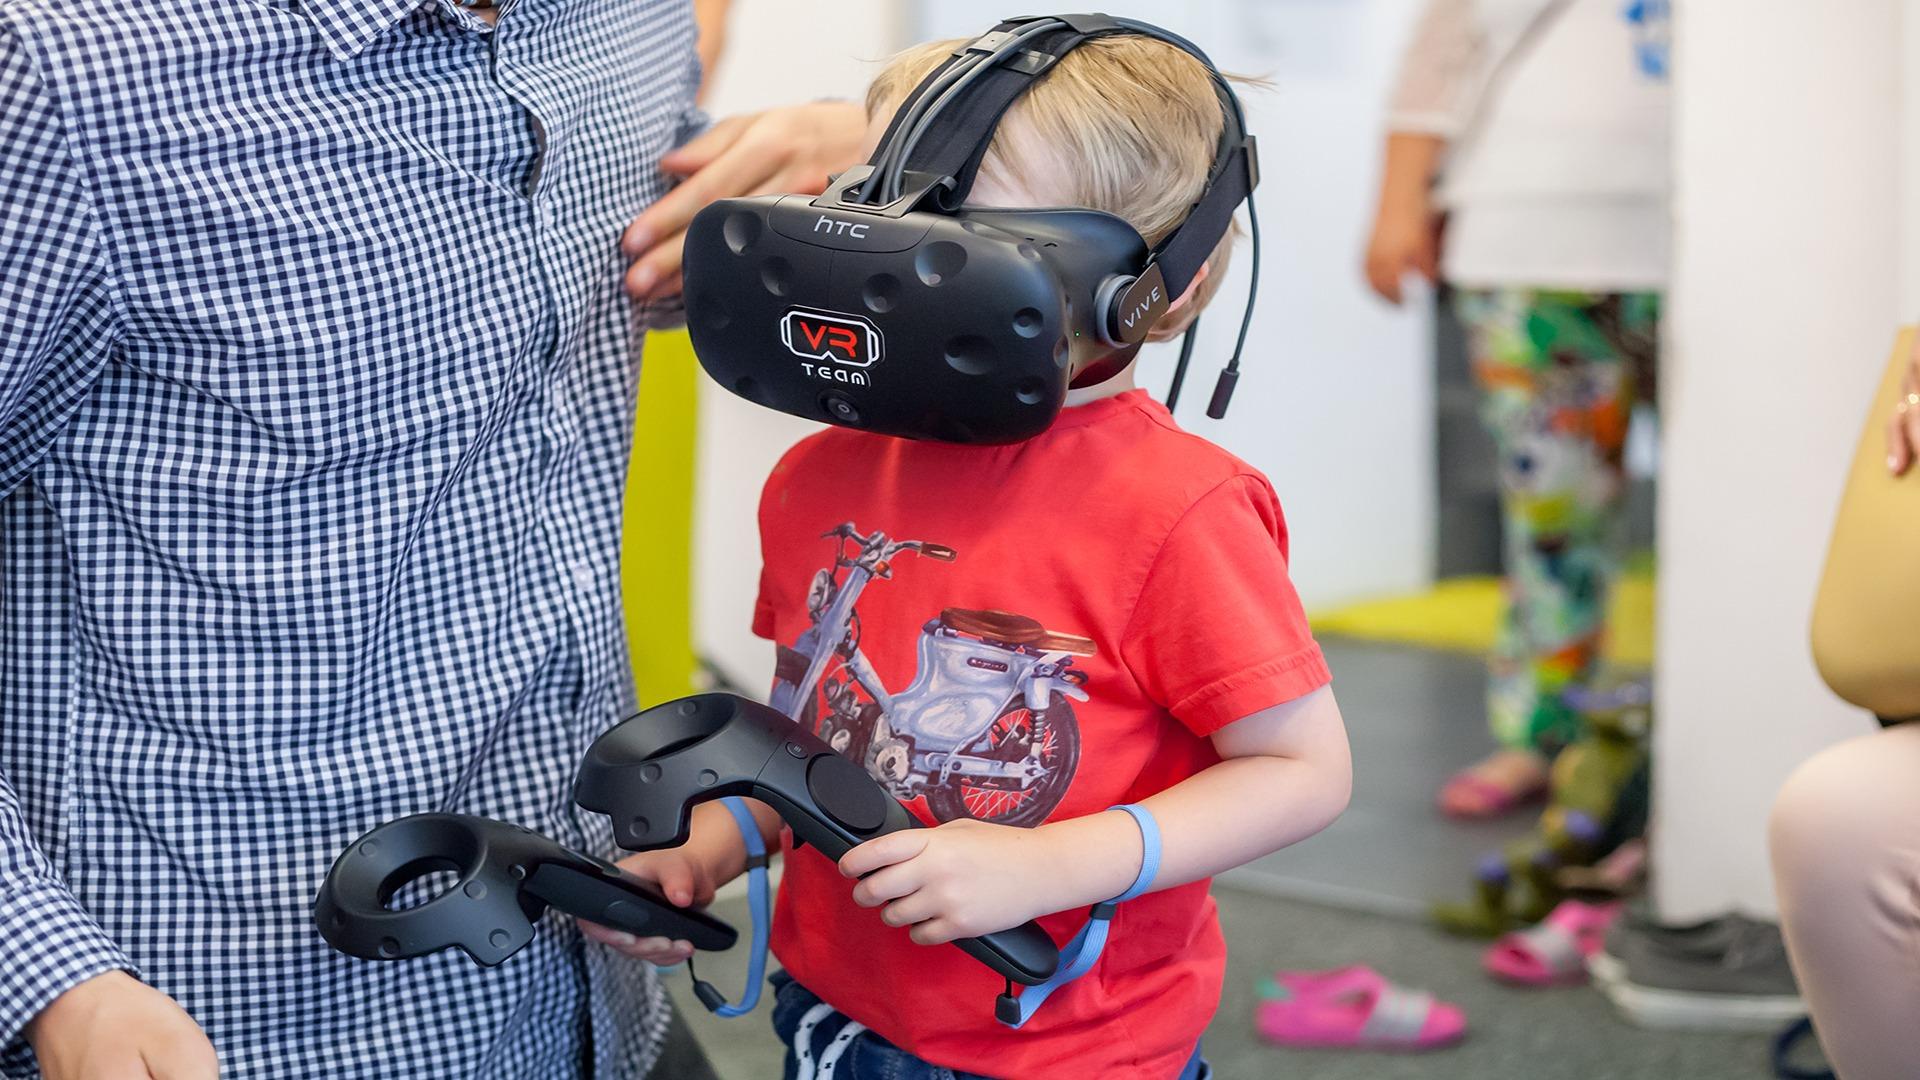 Gogle VR dla dzieci - wypożyczalnia atrakcji